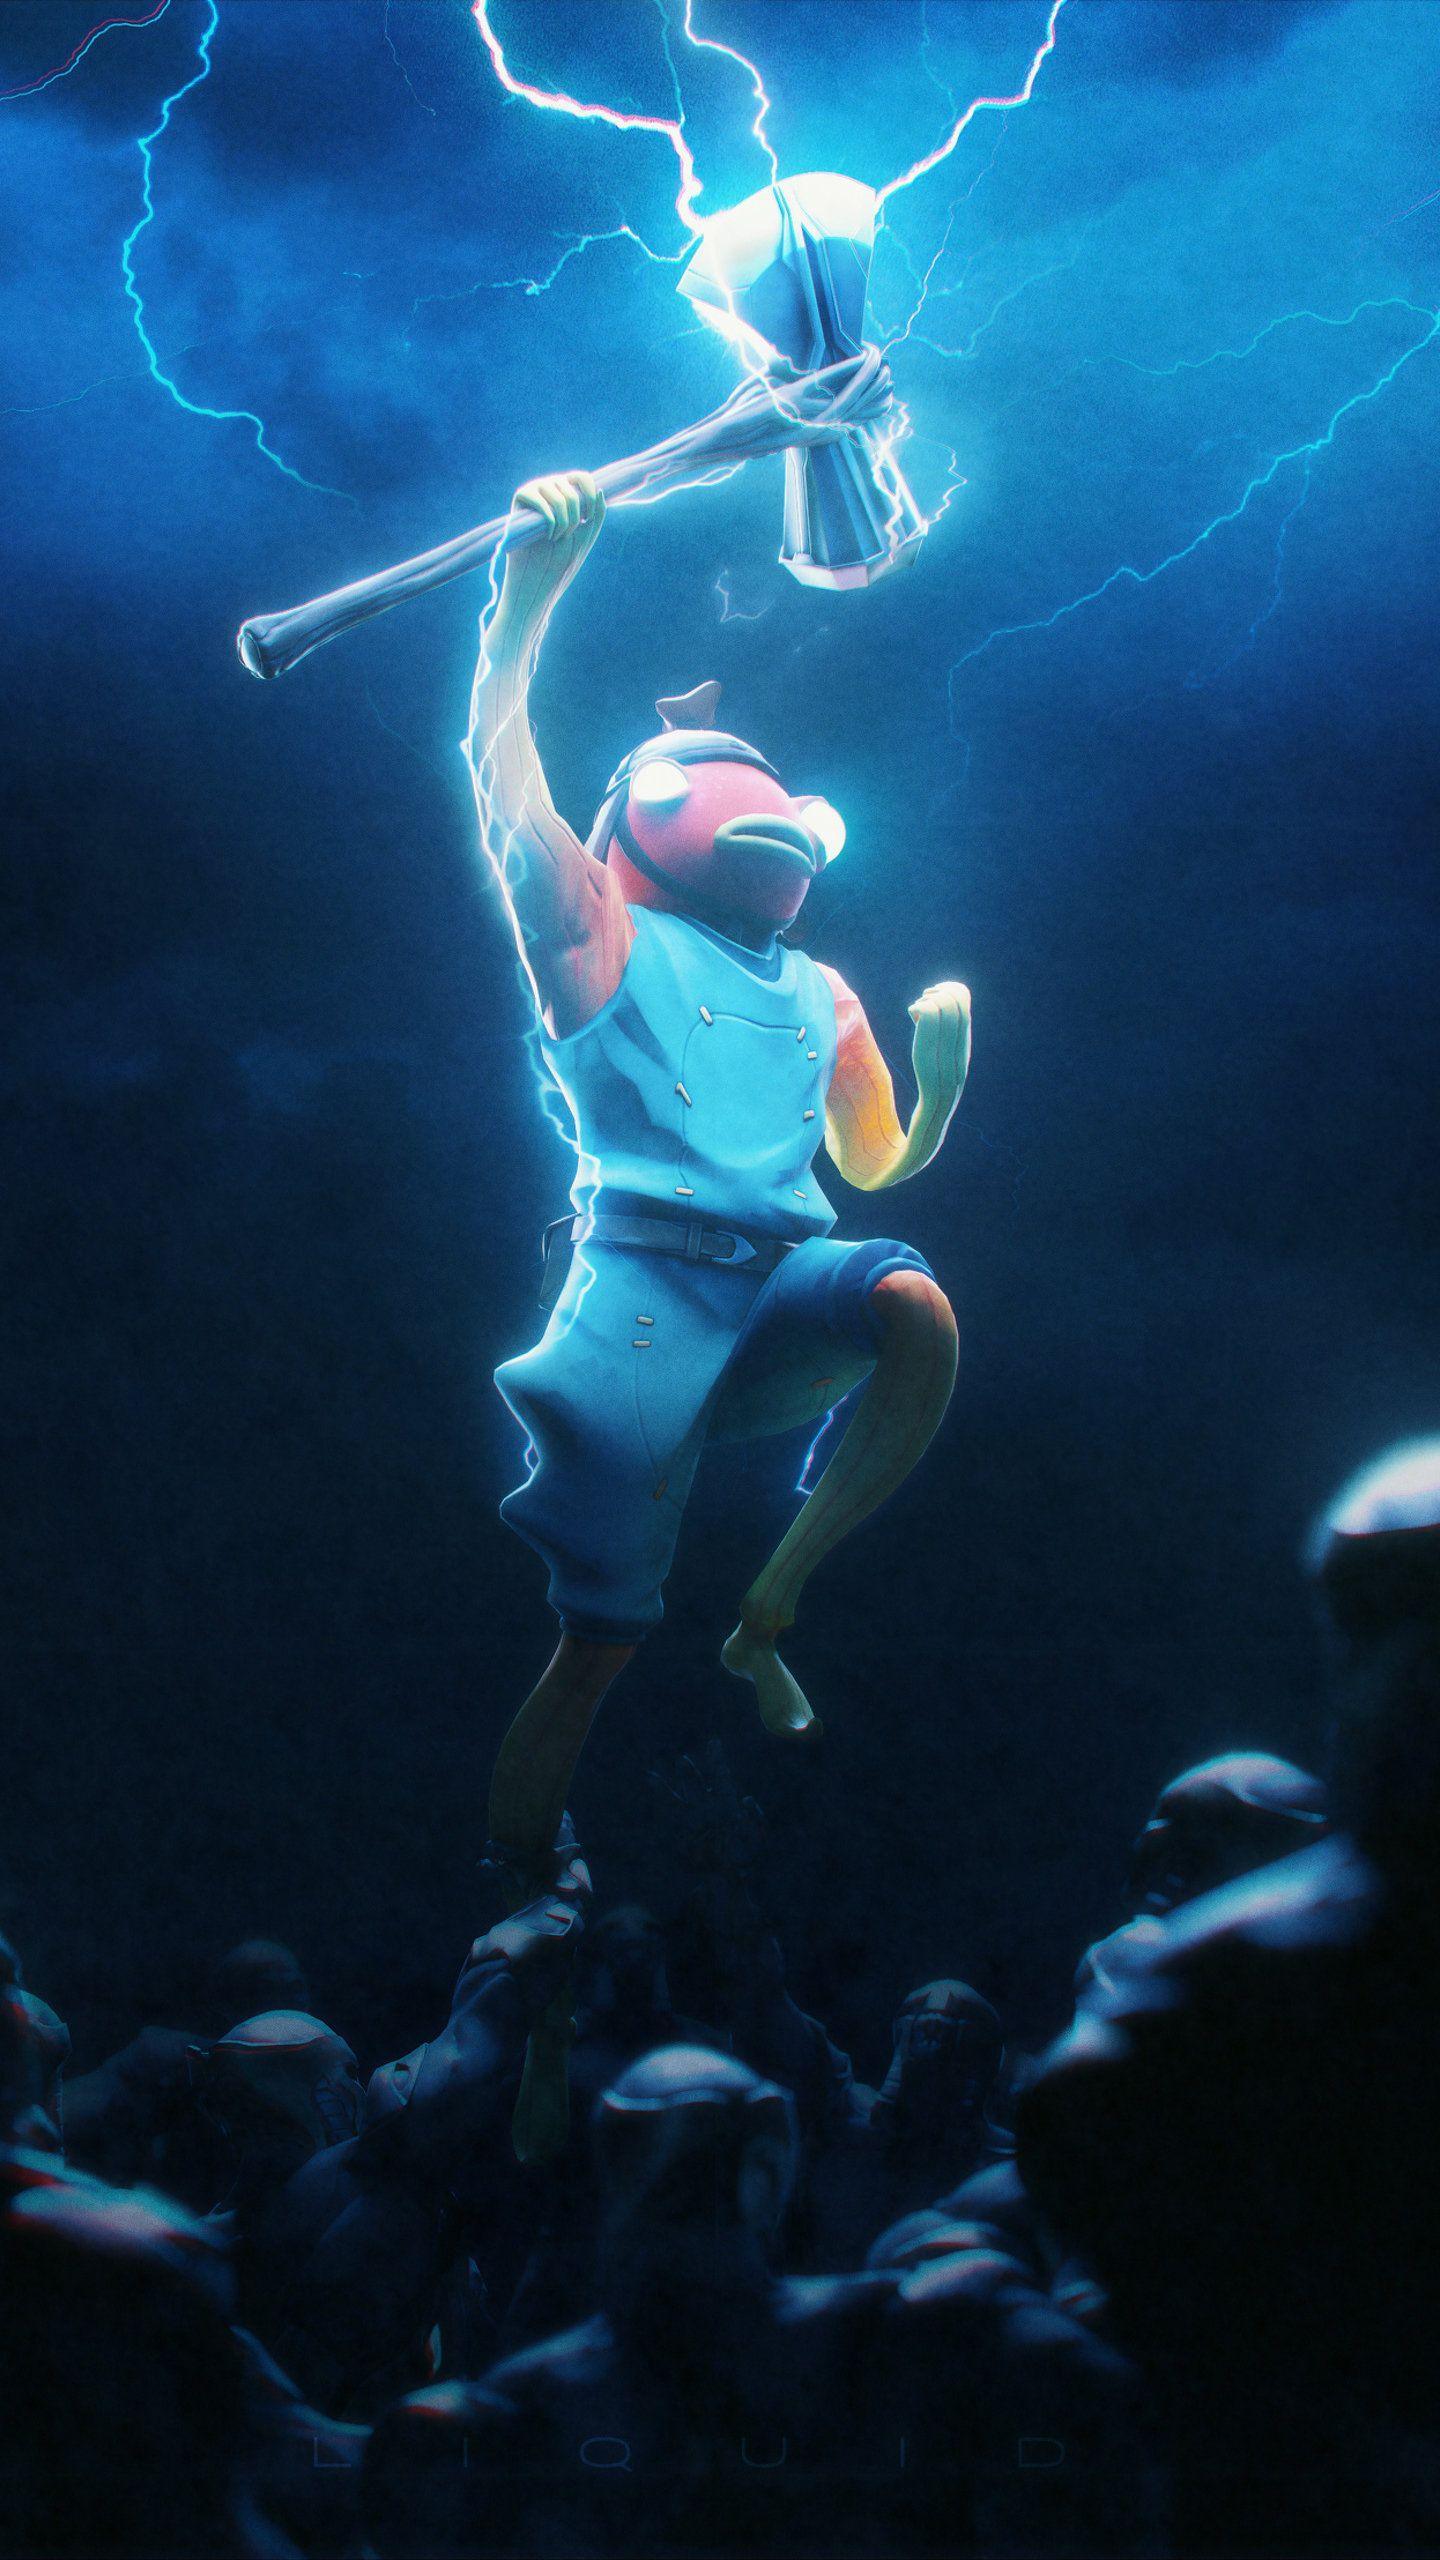 Moisty Merman Fortnite 4K HD Wallpaper in 2020 Best